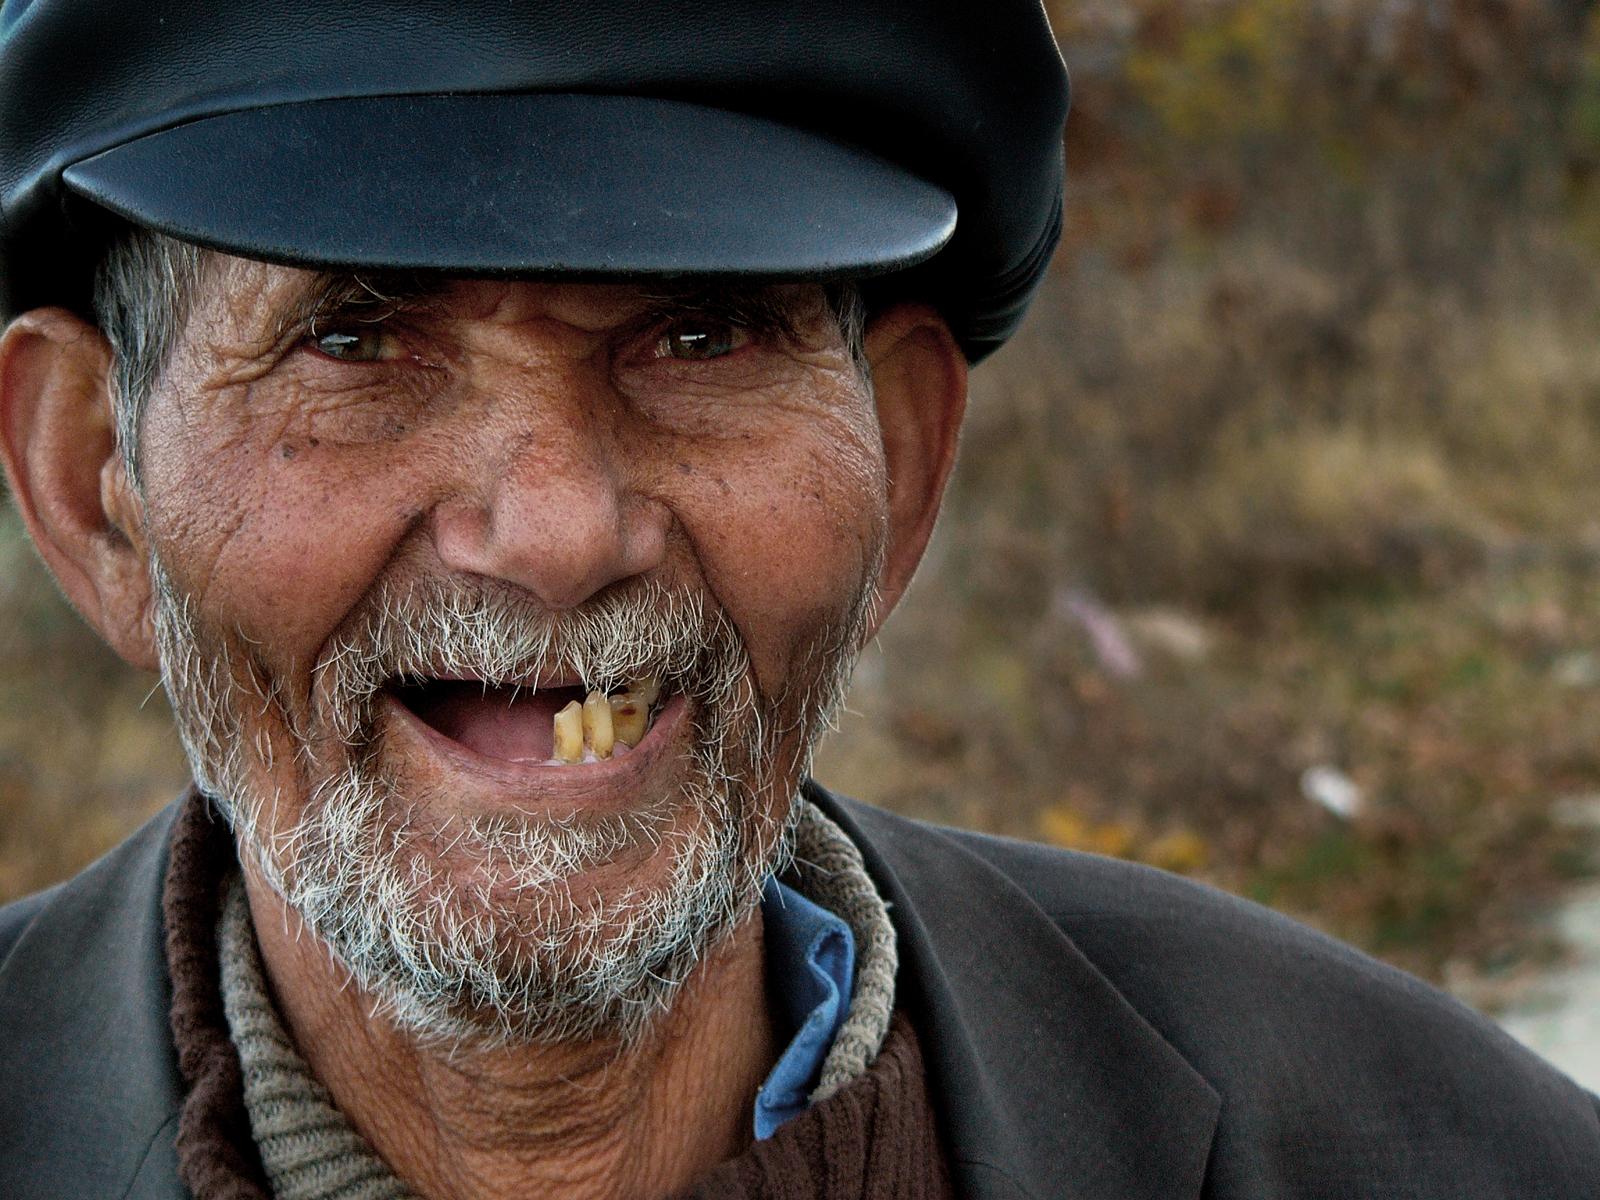 Smile photo